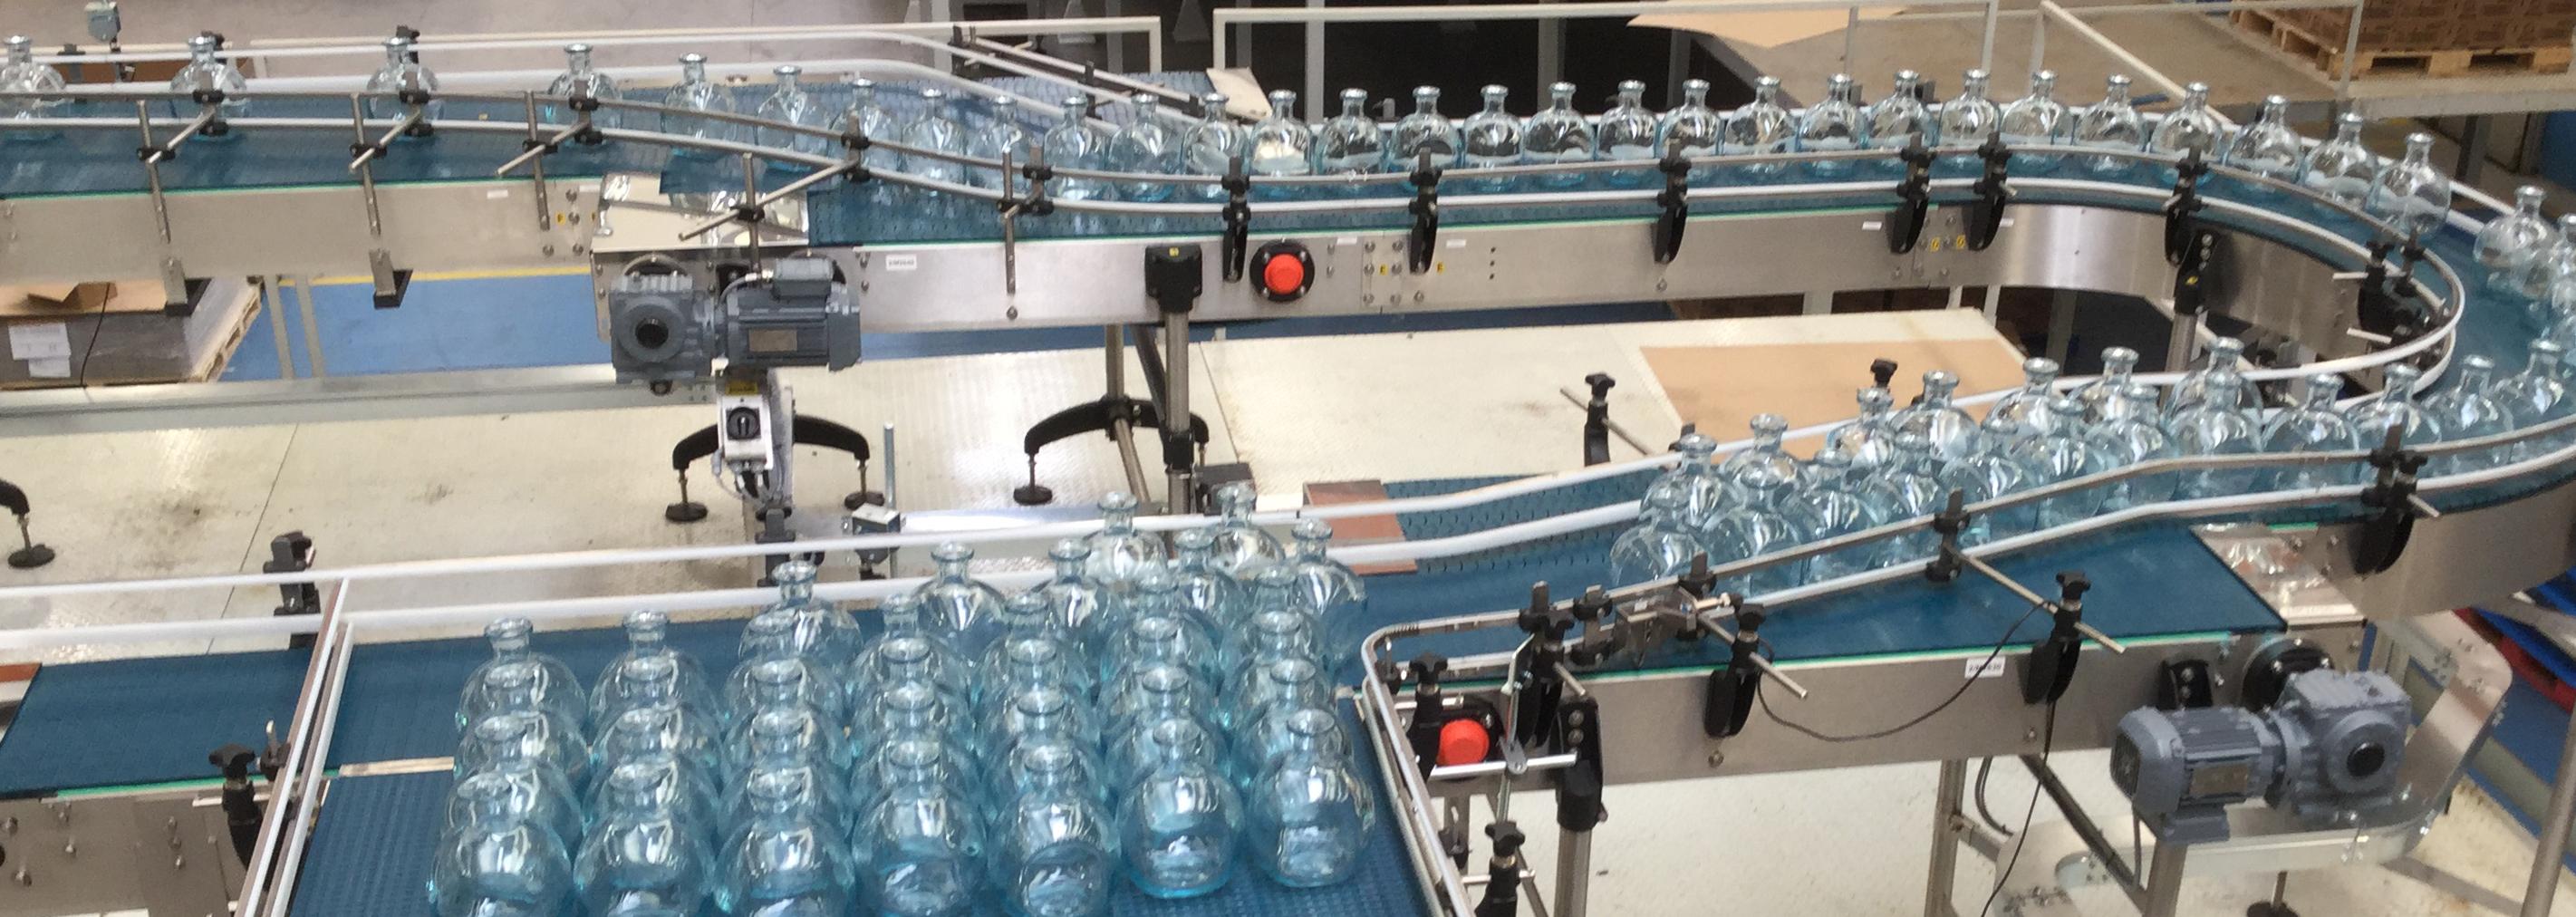 linea di bottiglie